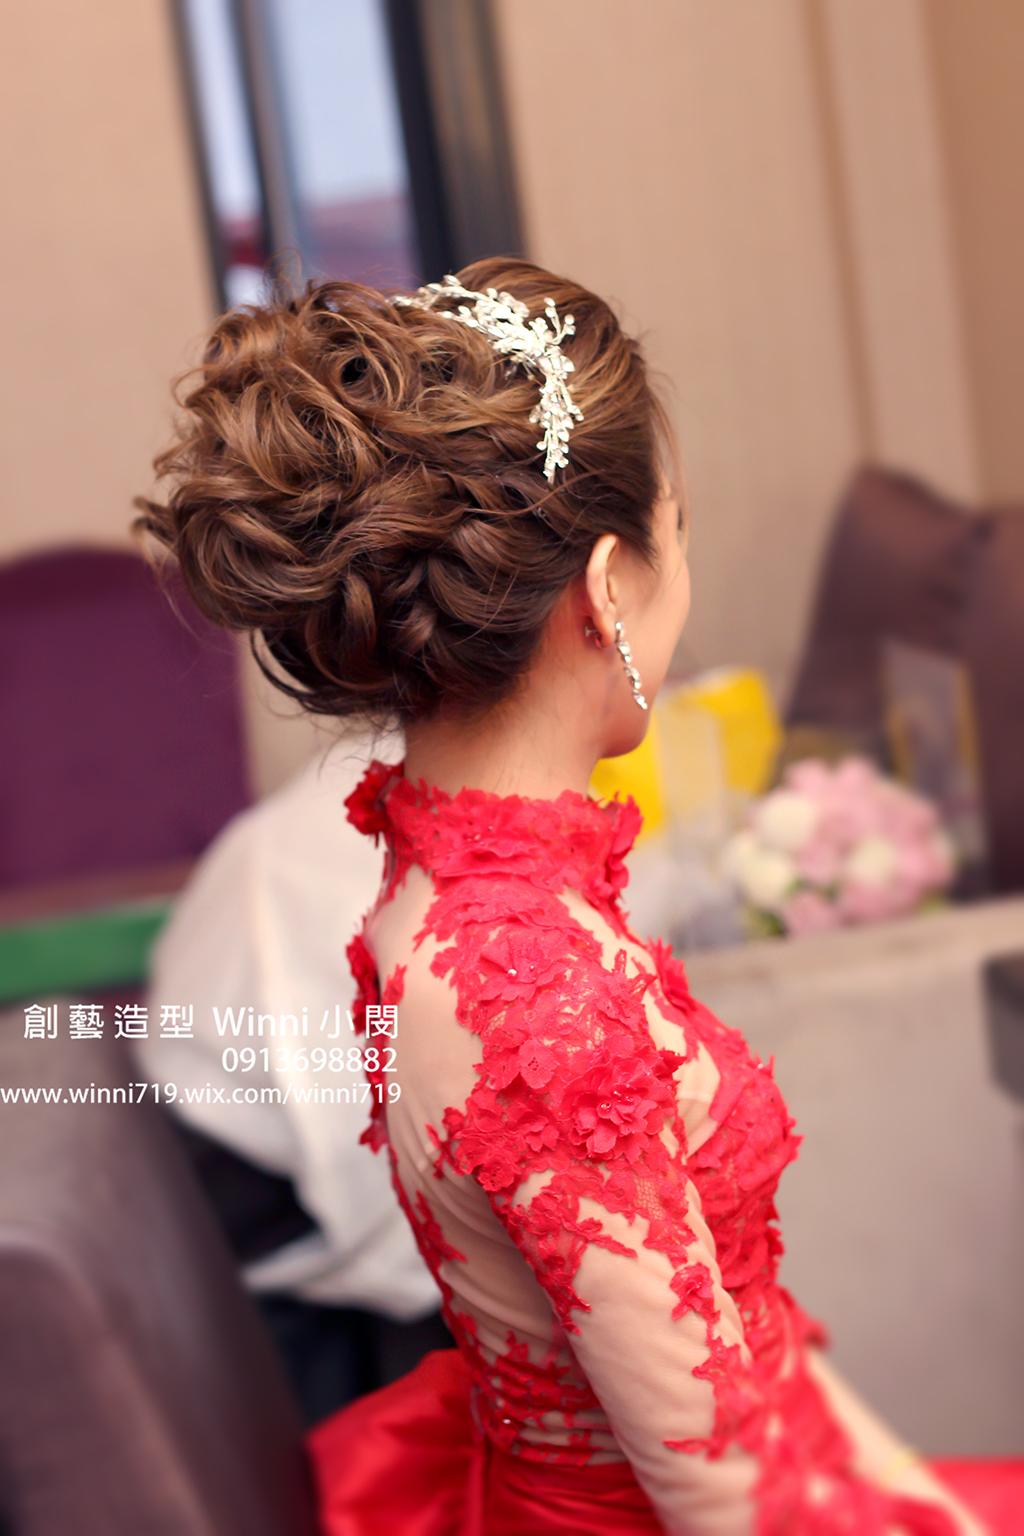 時尚後梳-新娘造型